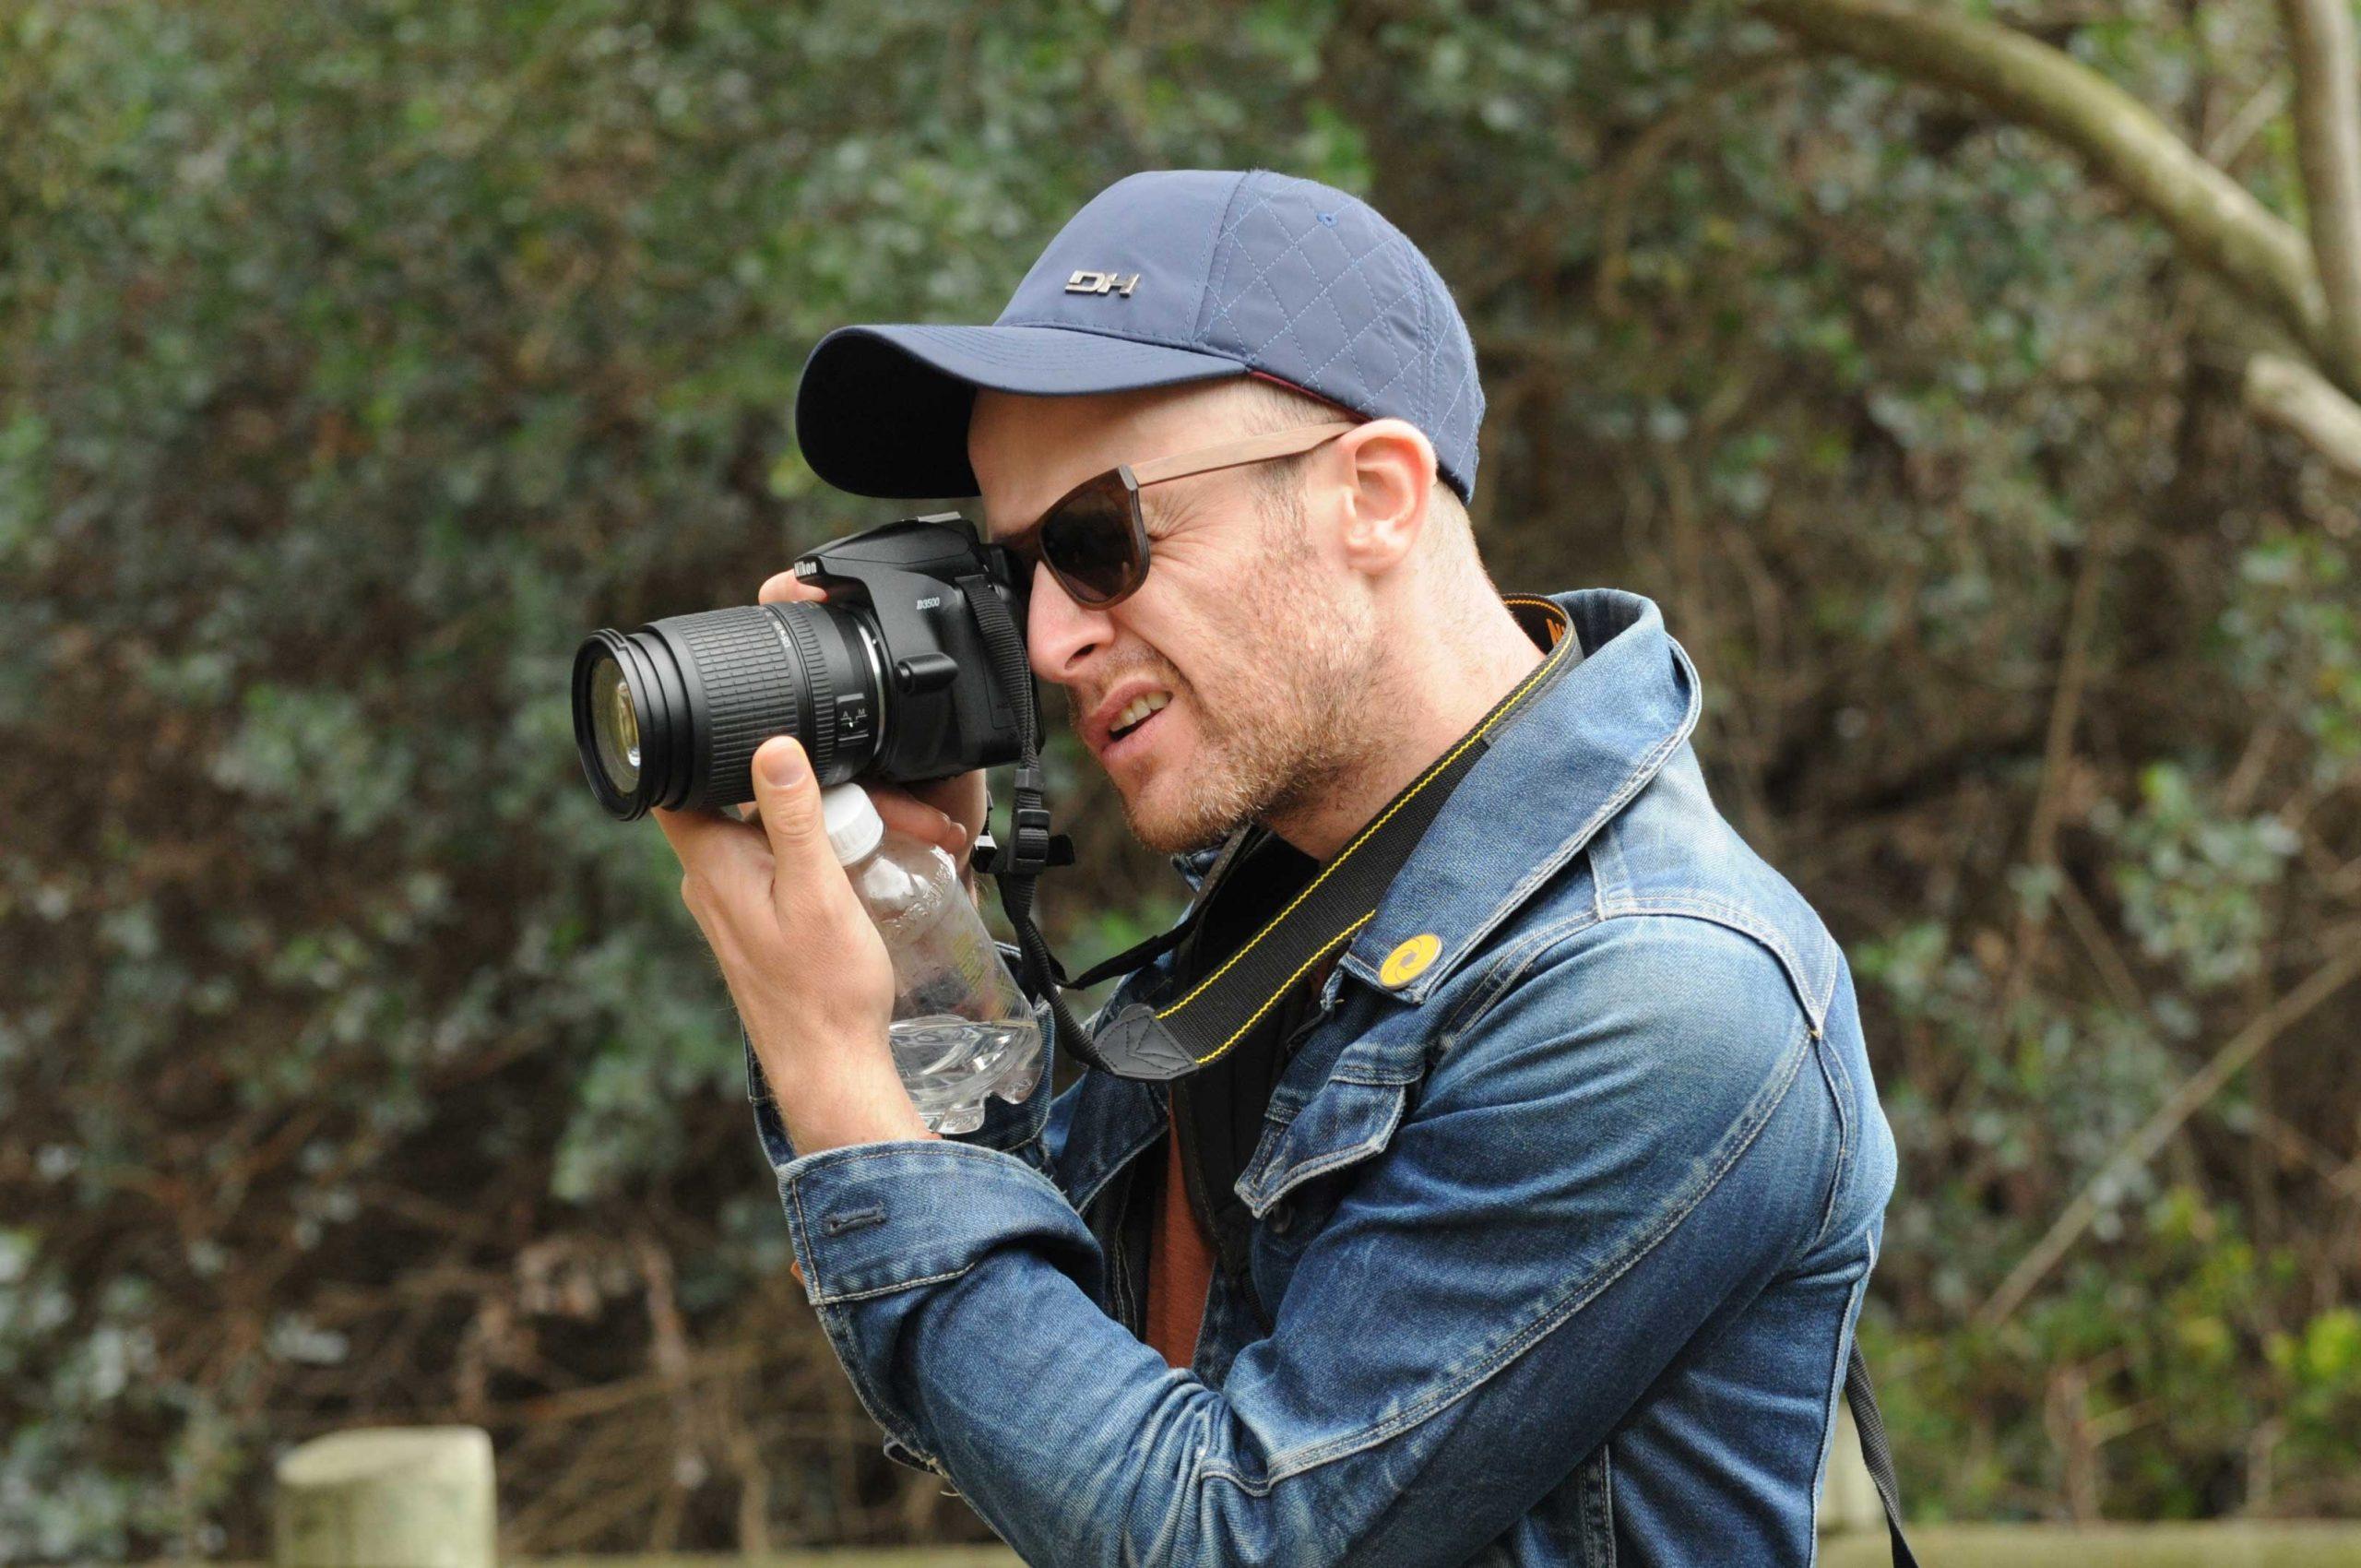 Nikon Camera photographer